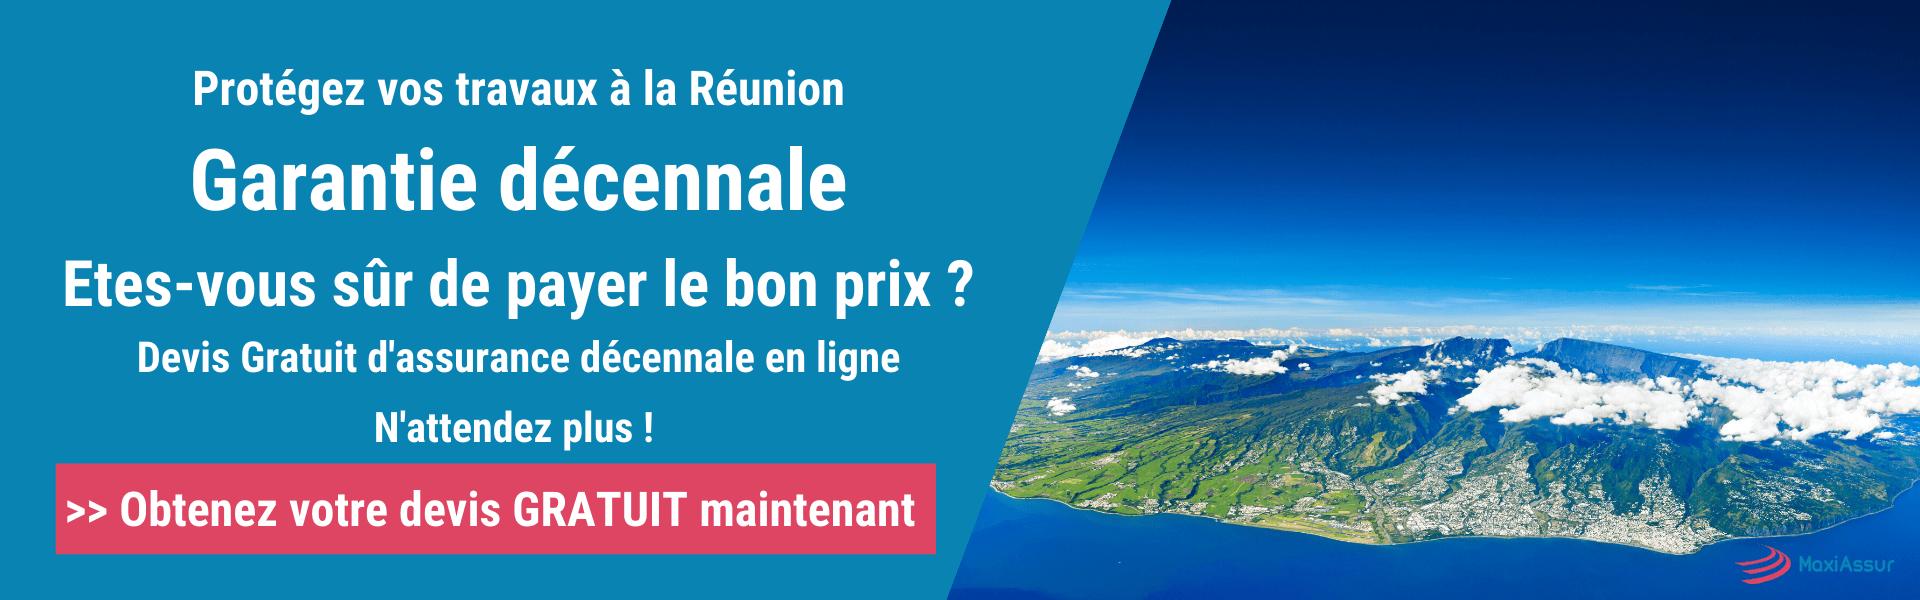 Garantie Décennale La Réunion